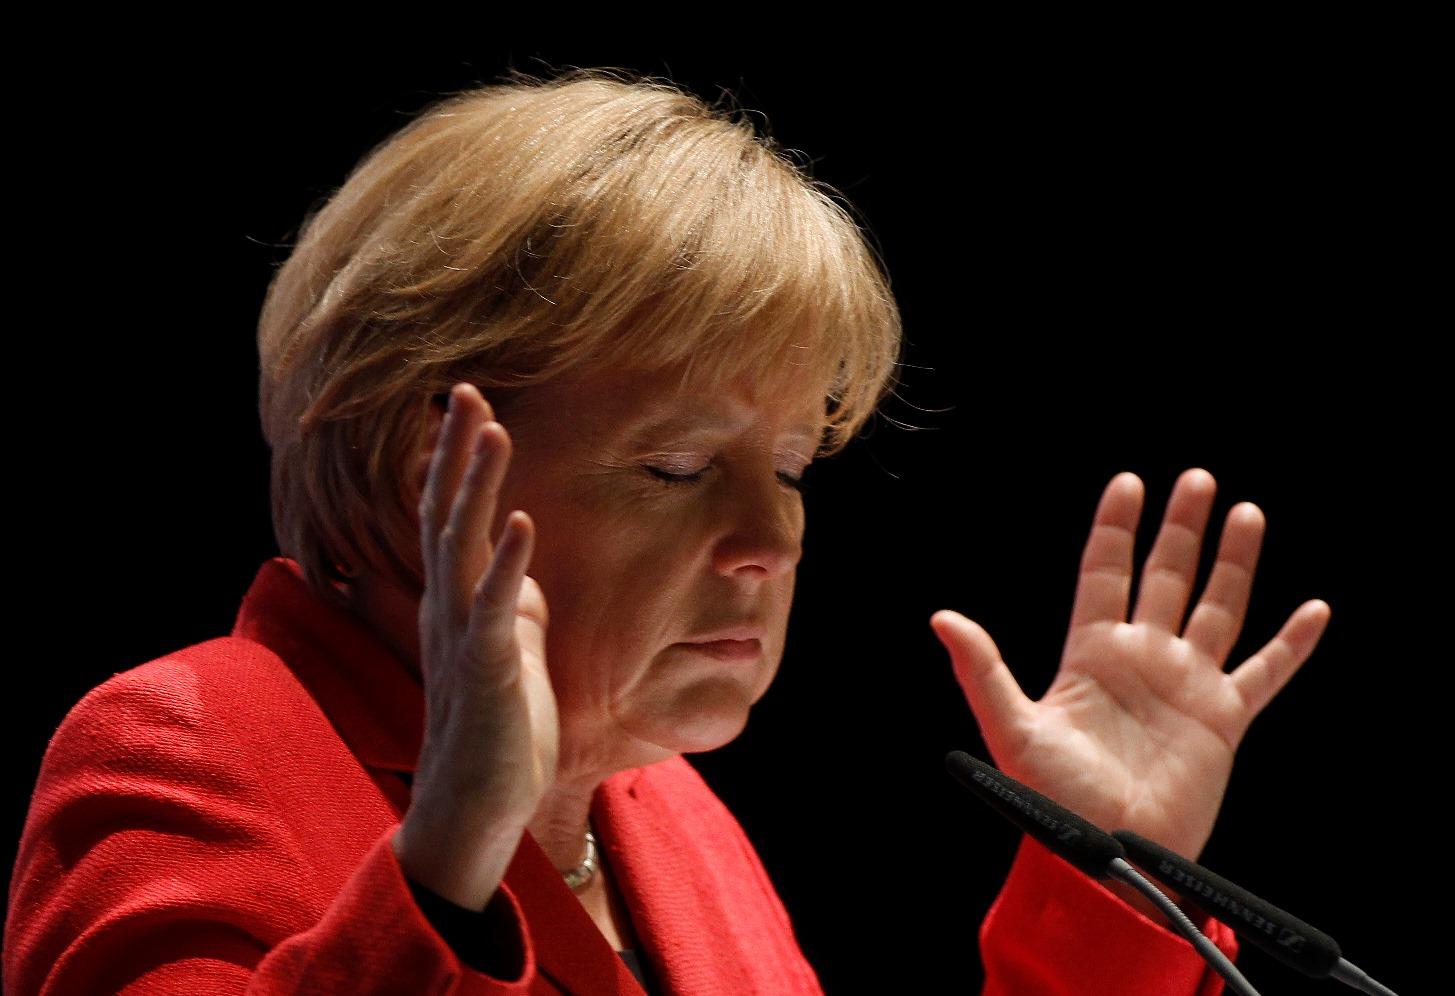 Μέρκελ: «Δεν θα υπάρχει νέα κυβέρνηση πριν τον Δεκέμβρη»